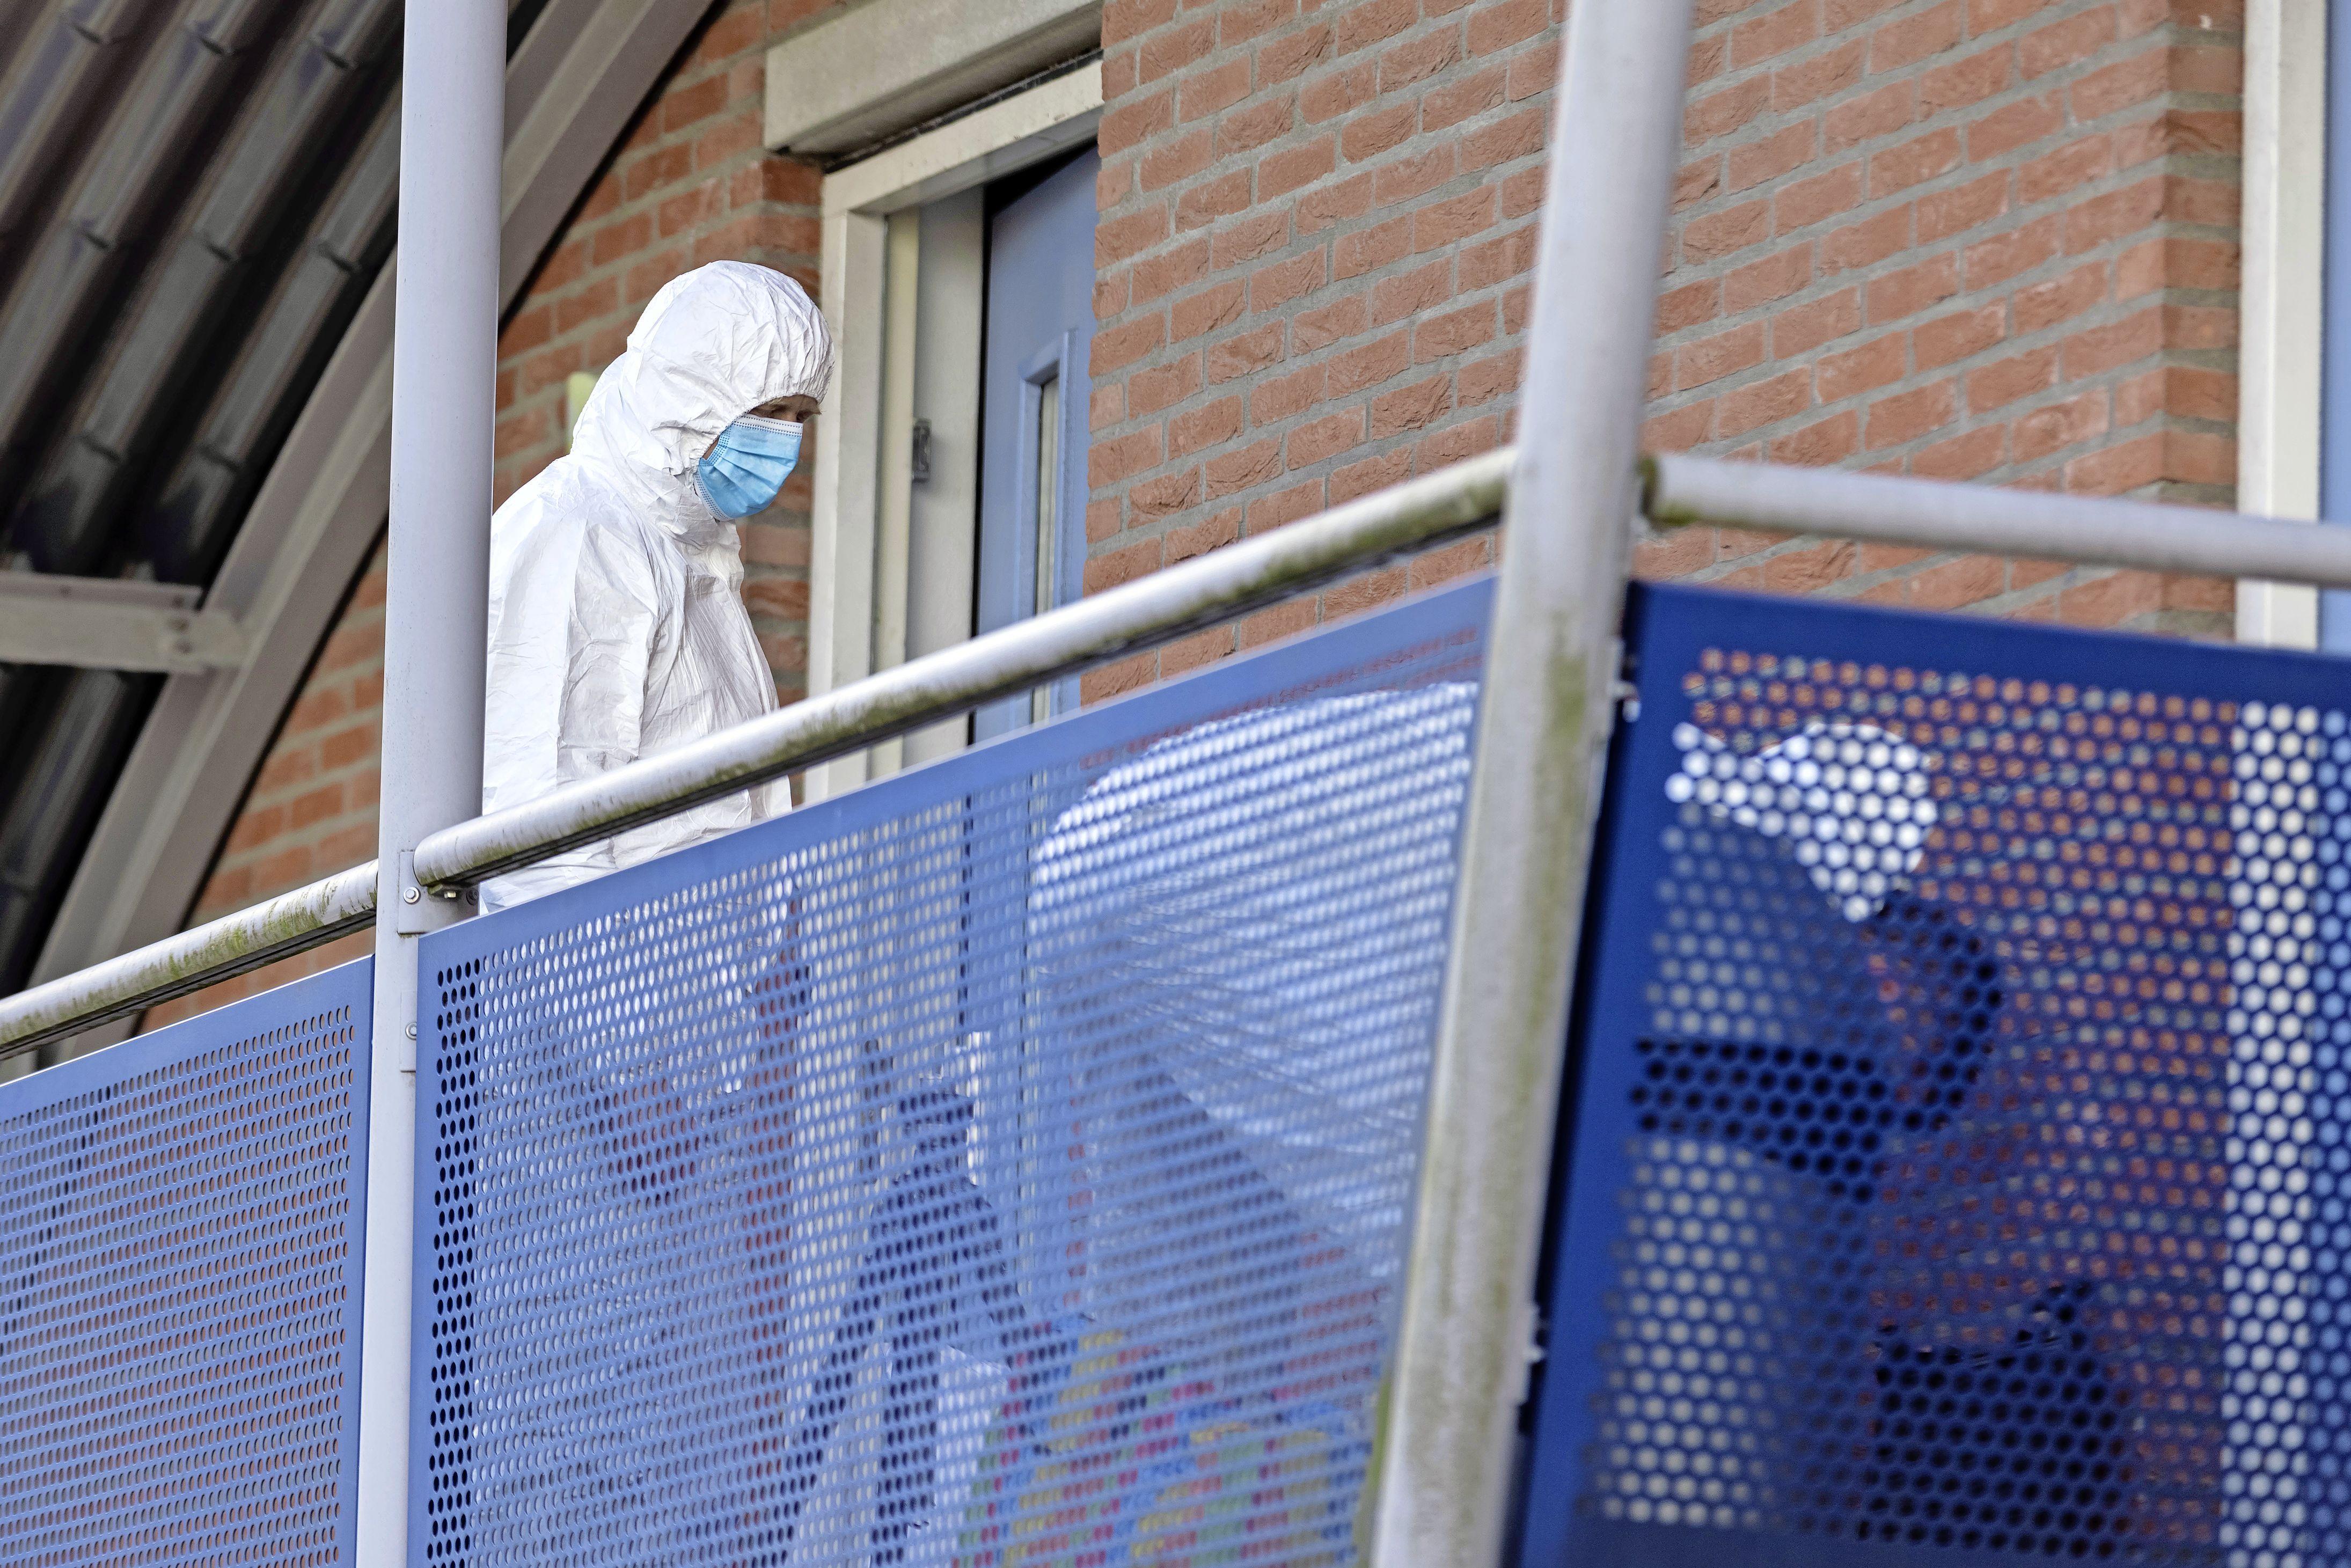 Slachtoffer was op visite in bovenwoning, waar het vreselijk misging. Justitie beschouwt gearresteerde man (37) na vondst lichaam als verdachte van moord of doodslag